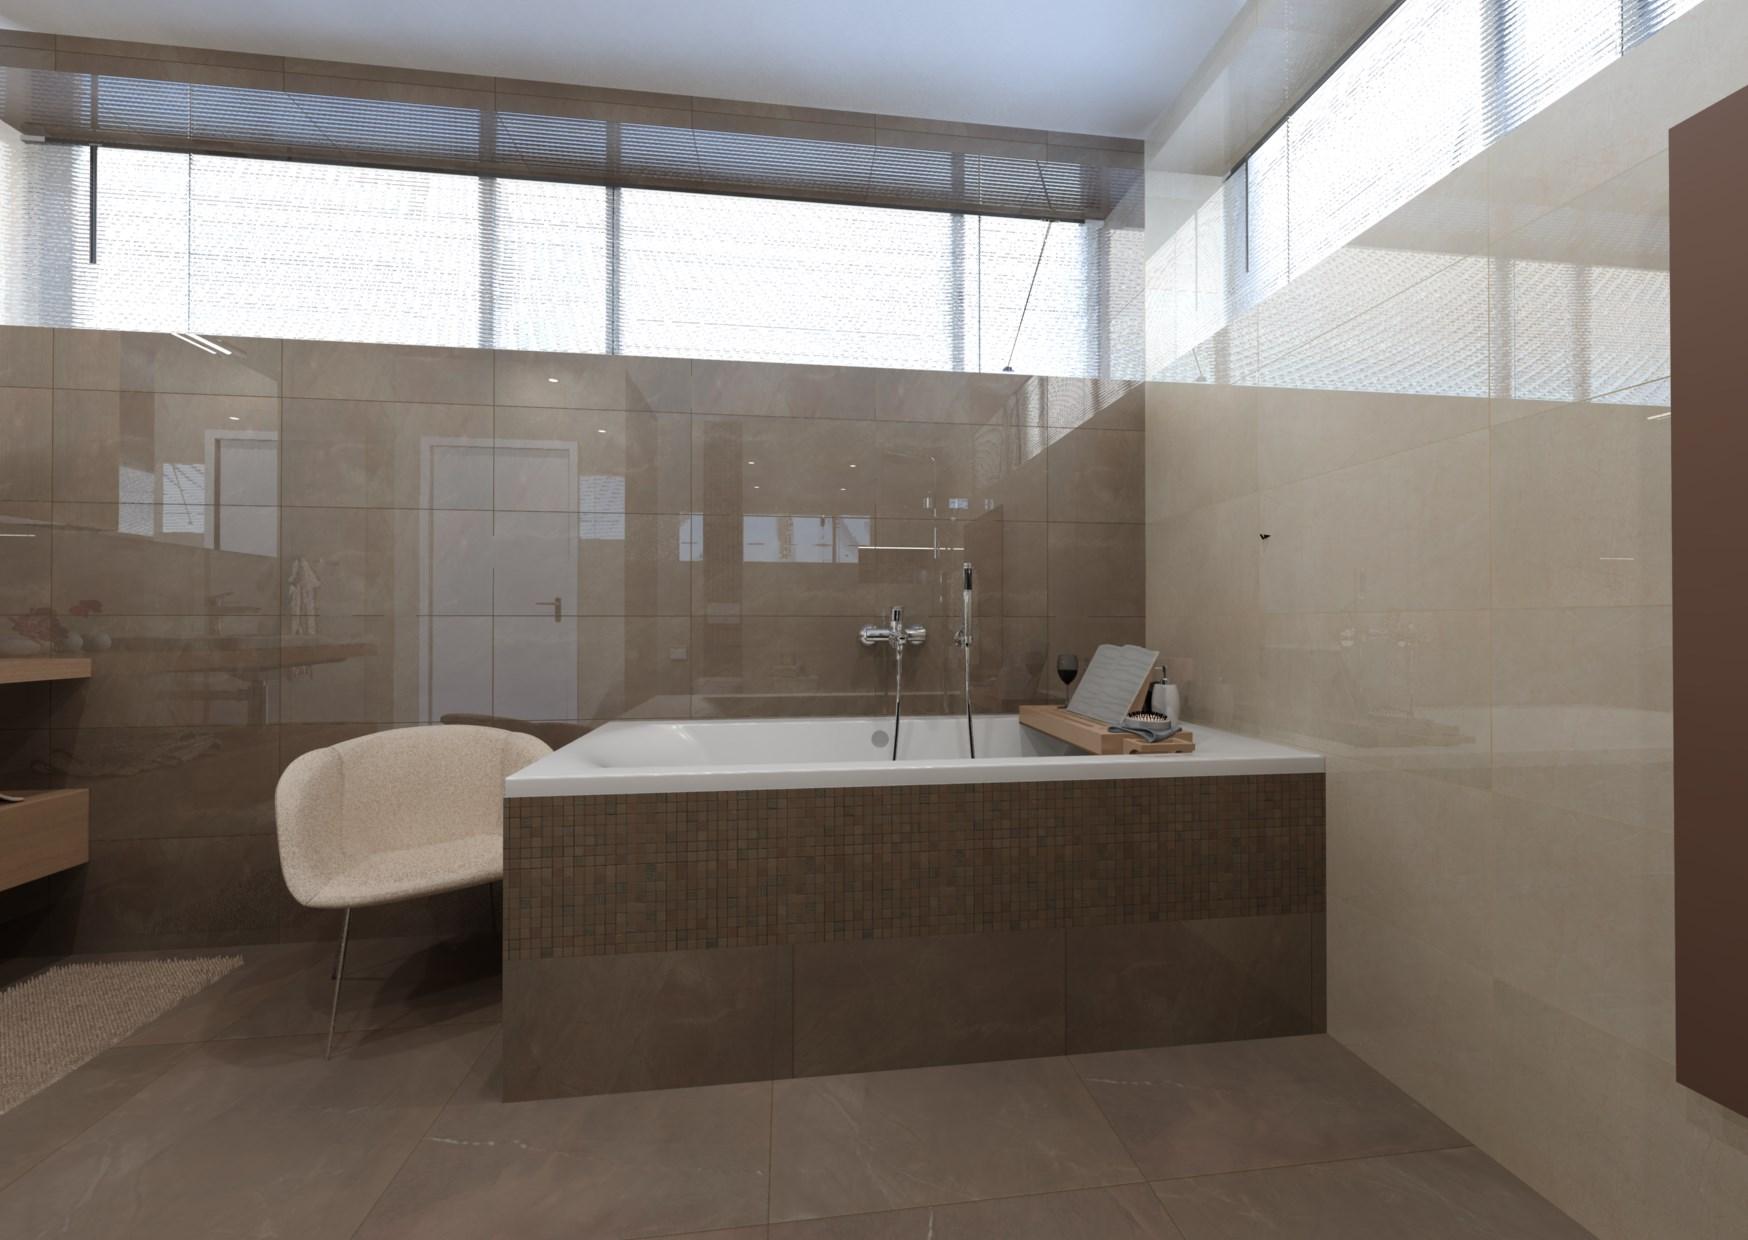 Návrh mramorové koupelny 5